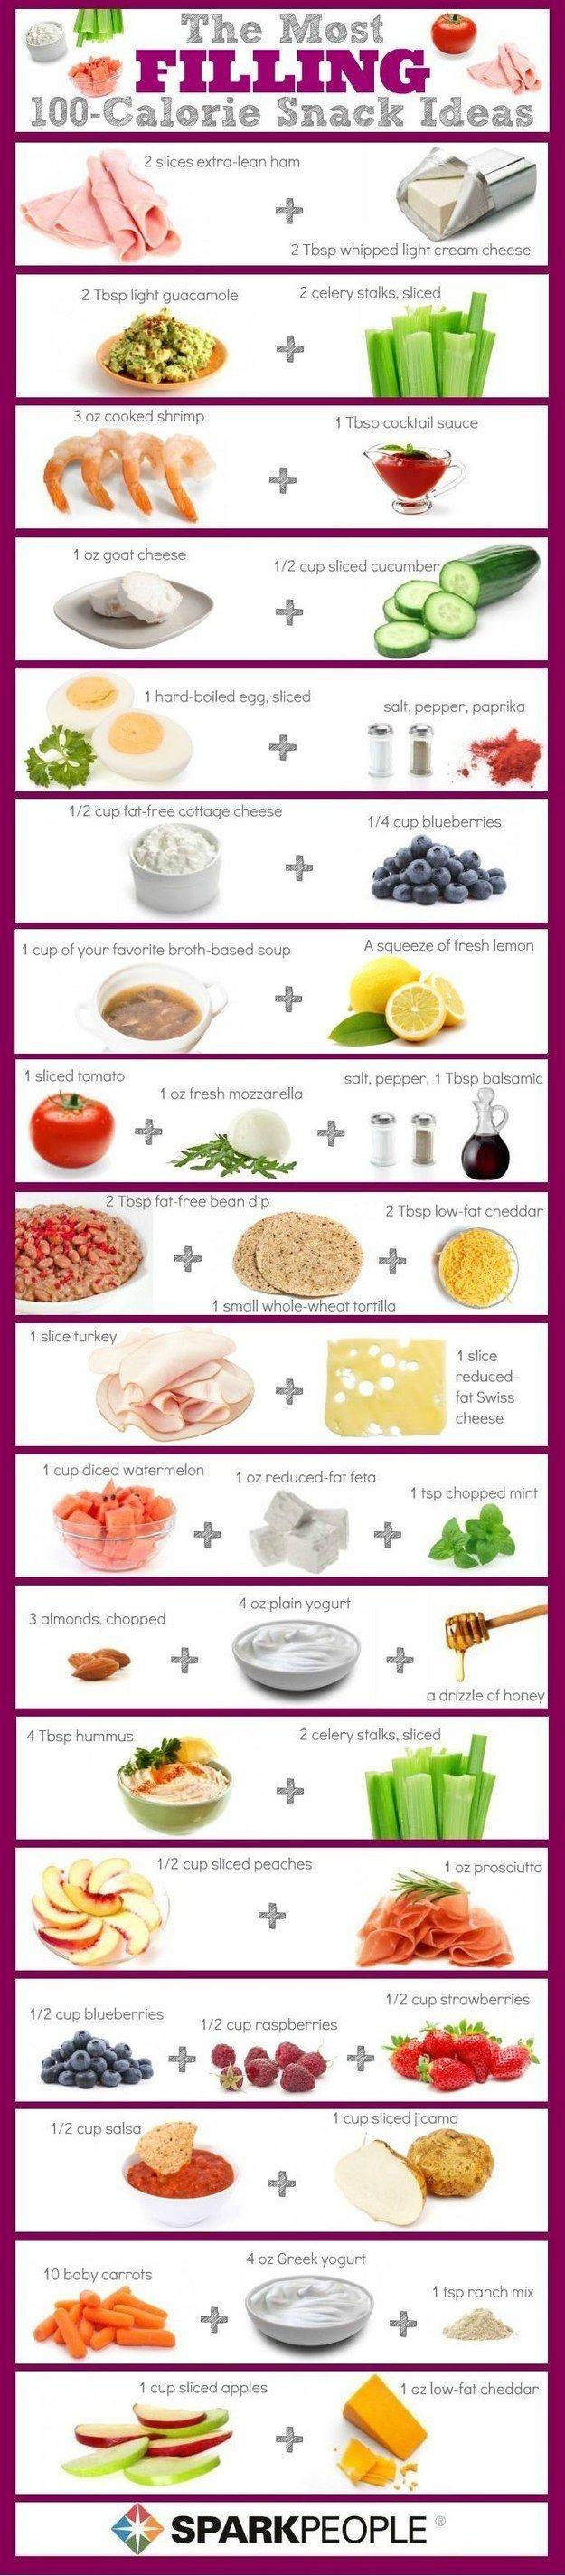 Misch Dein Snack-Repertoire mit einer dieser Ideen auf, die nur 100 Kalorien haben. | 7 einfache Tipps, die Dir helfen, nächste Woche gesünder zu essen